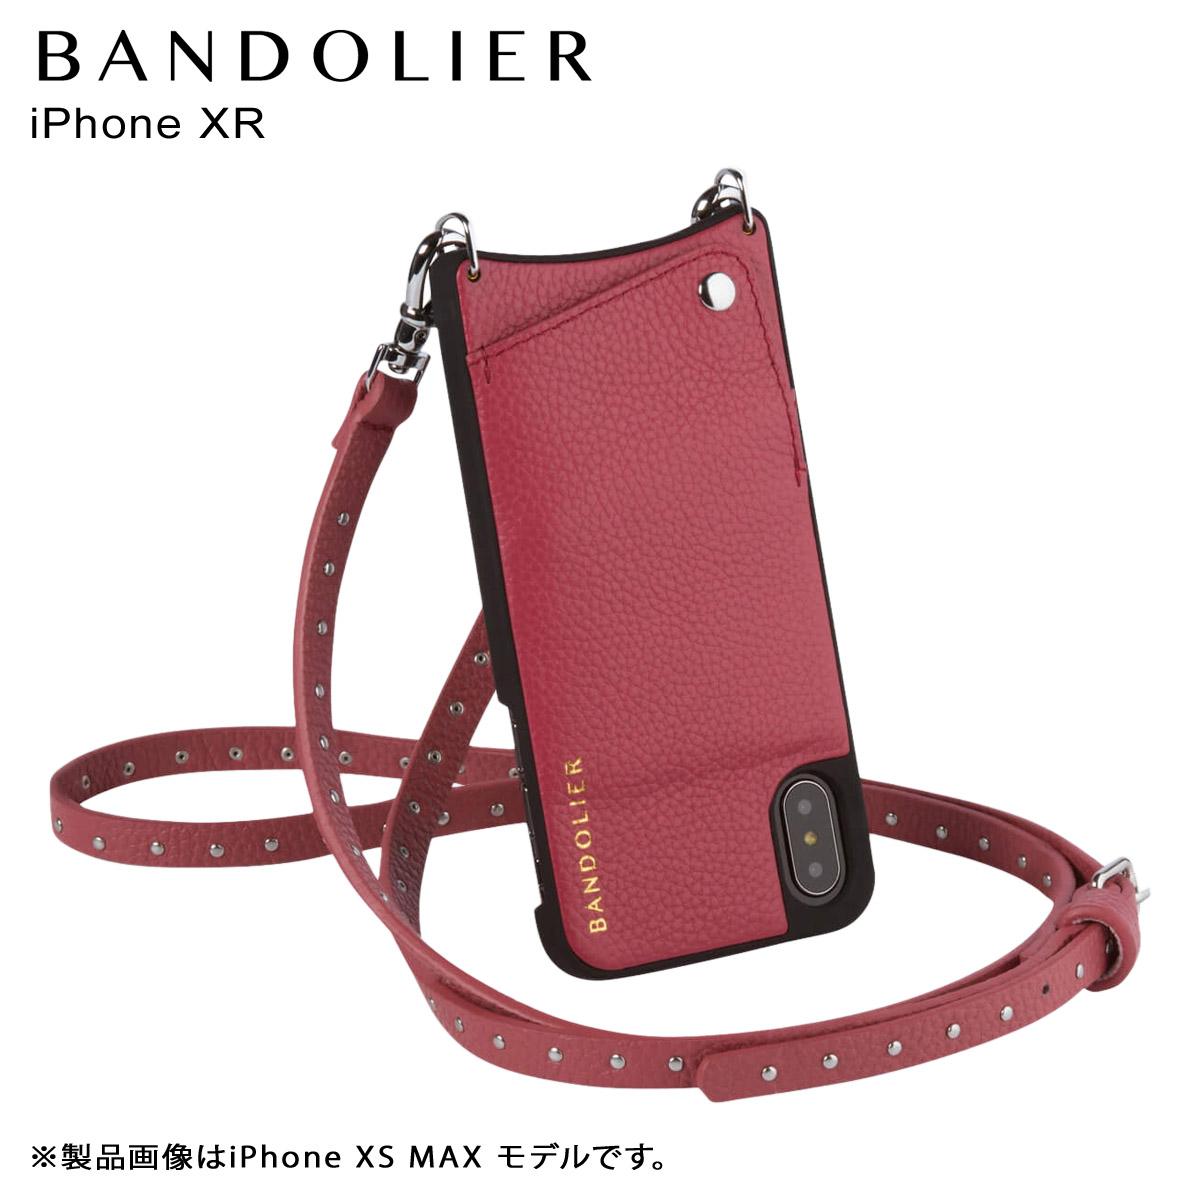 【最大2000円OFFクーポン】 BANDOLIER バンドリヤー iPhone XR ケース ショルダー スマホ アイフォン レザー NICOLE MAGENTA RED メンズ レディース マゼンタ レッド 10NIC1001 [3/18 再入荷]